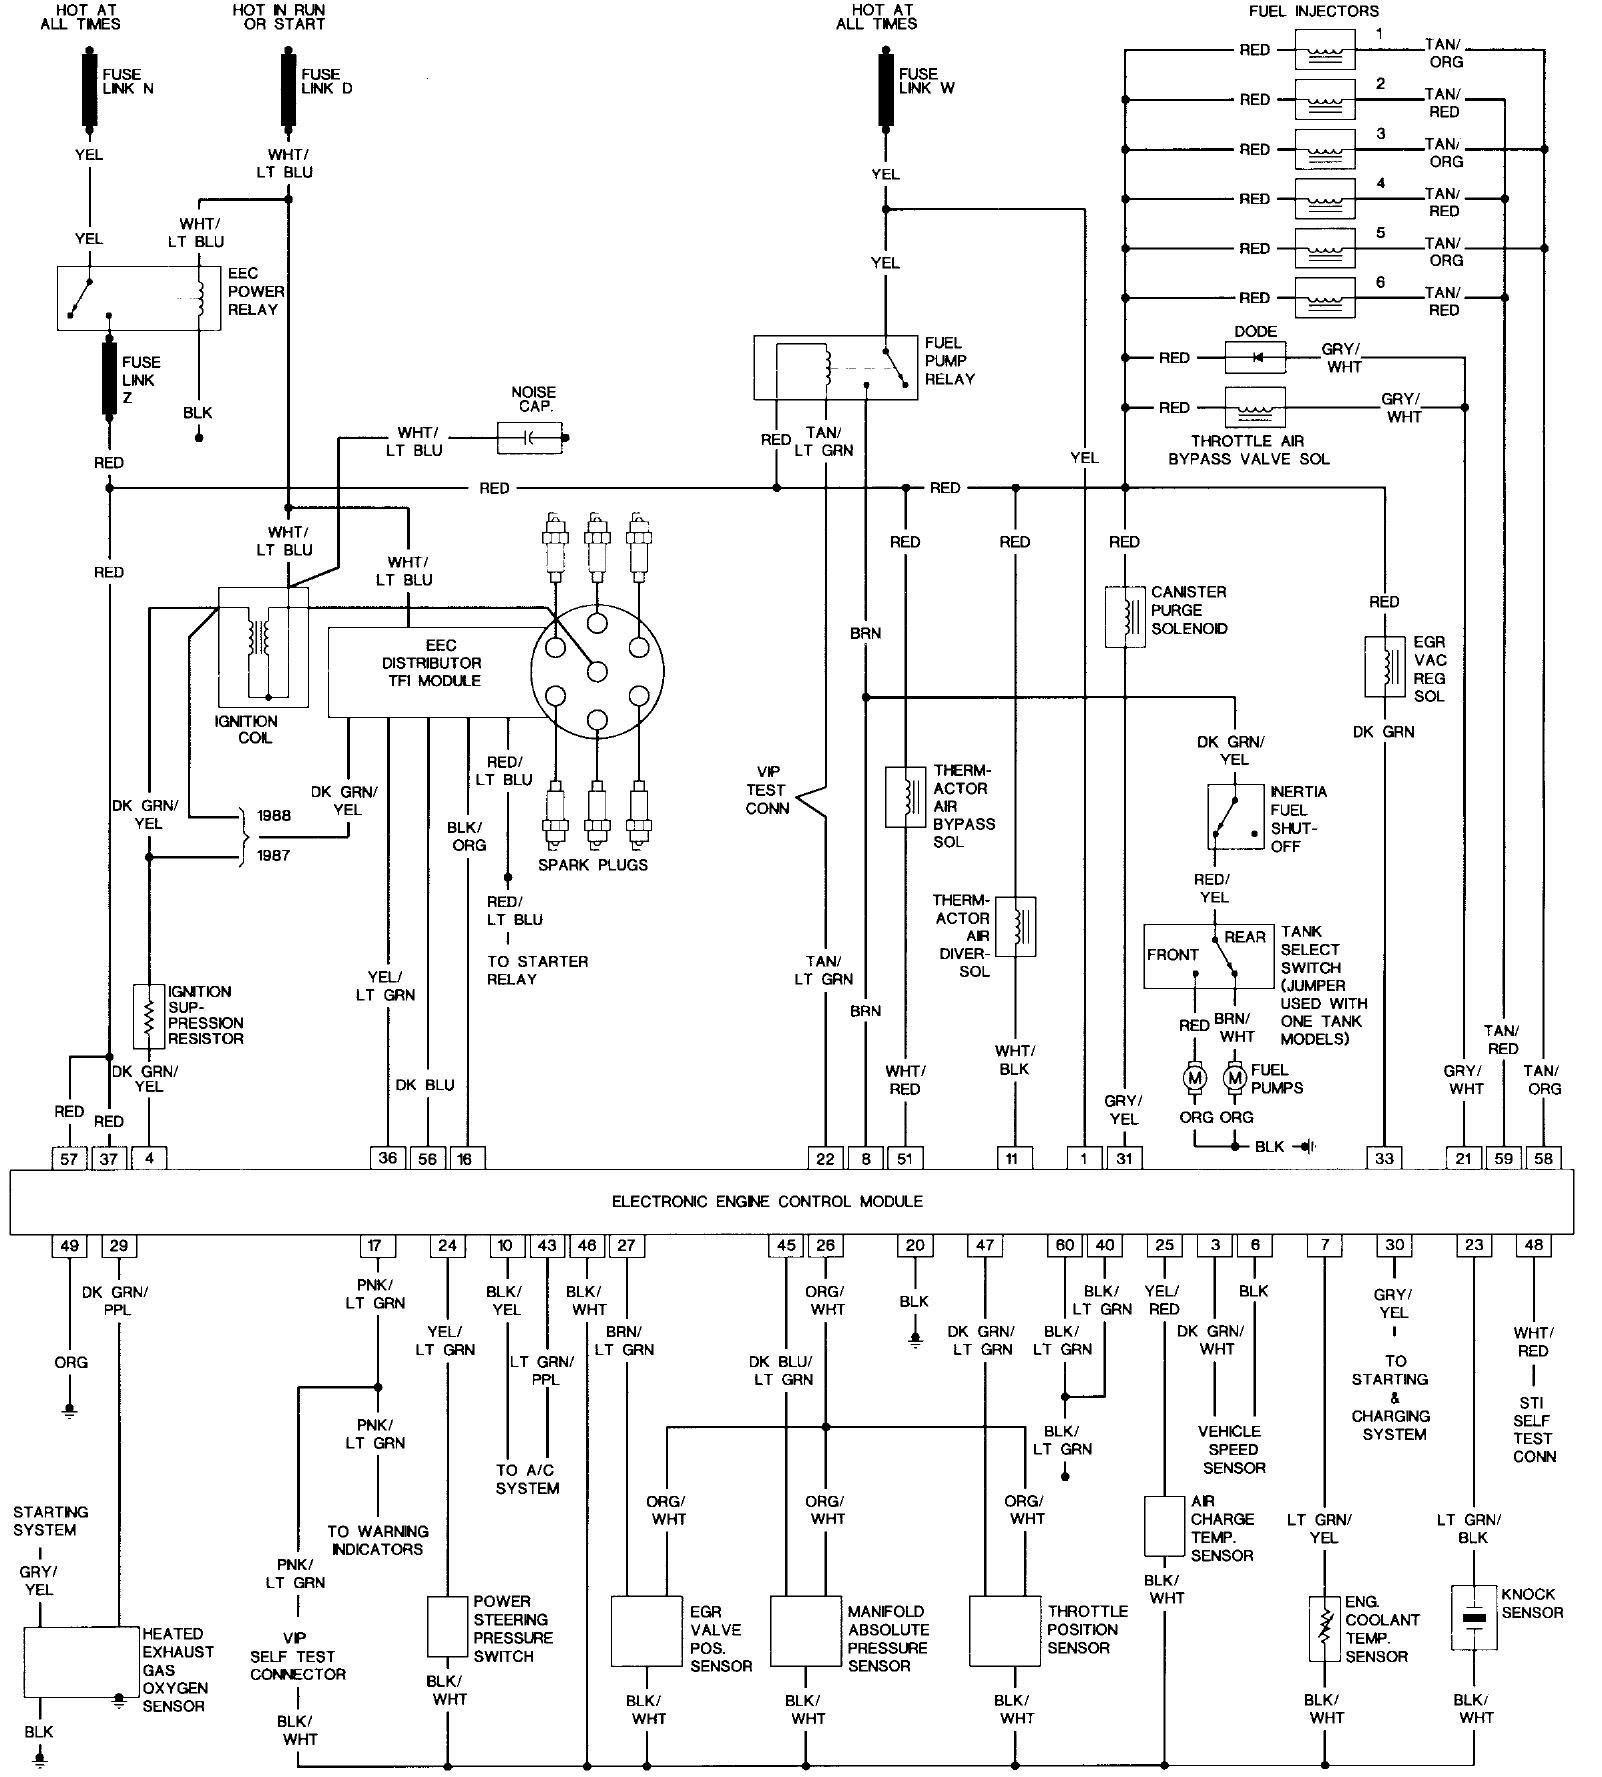 Diagram 2006 Ford F 250 Truck Wiring Diagram Full Version Hd Quality Wiring Diagram Gwi3097gas Ragdolls Lorraine Fr